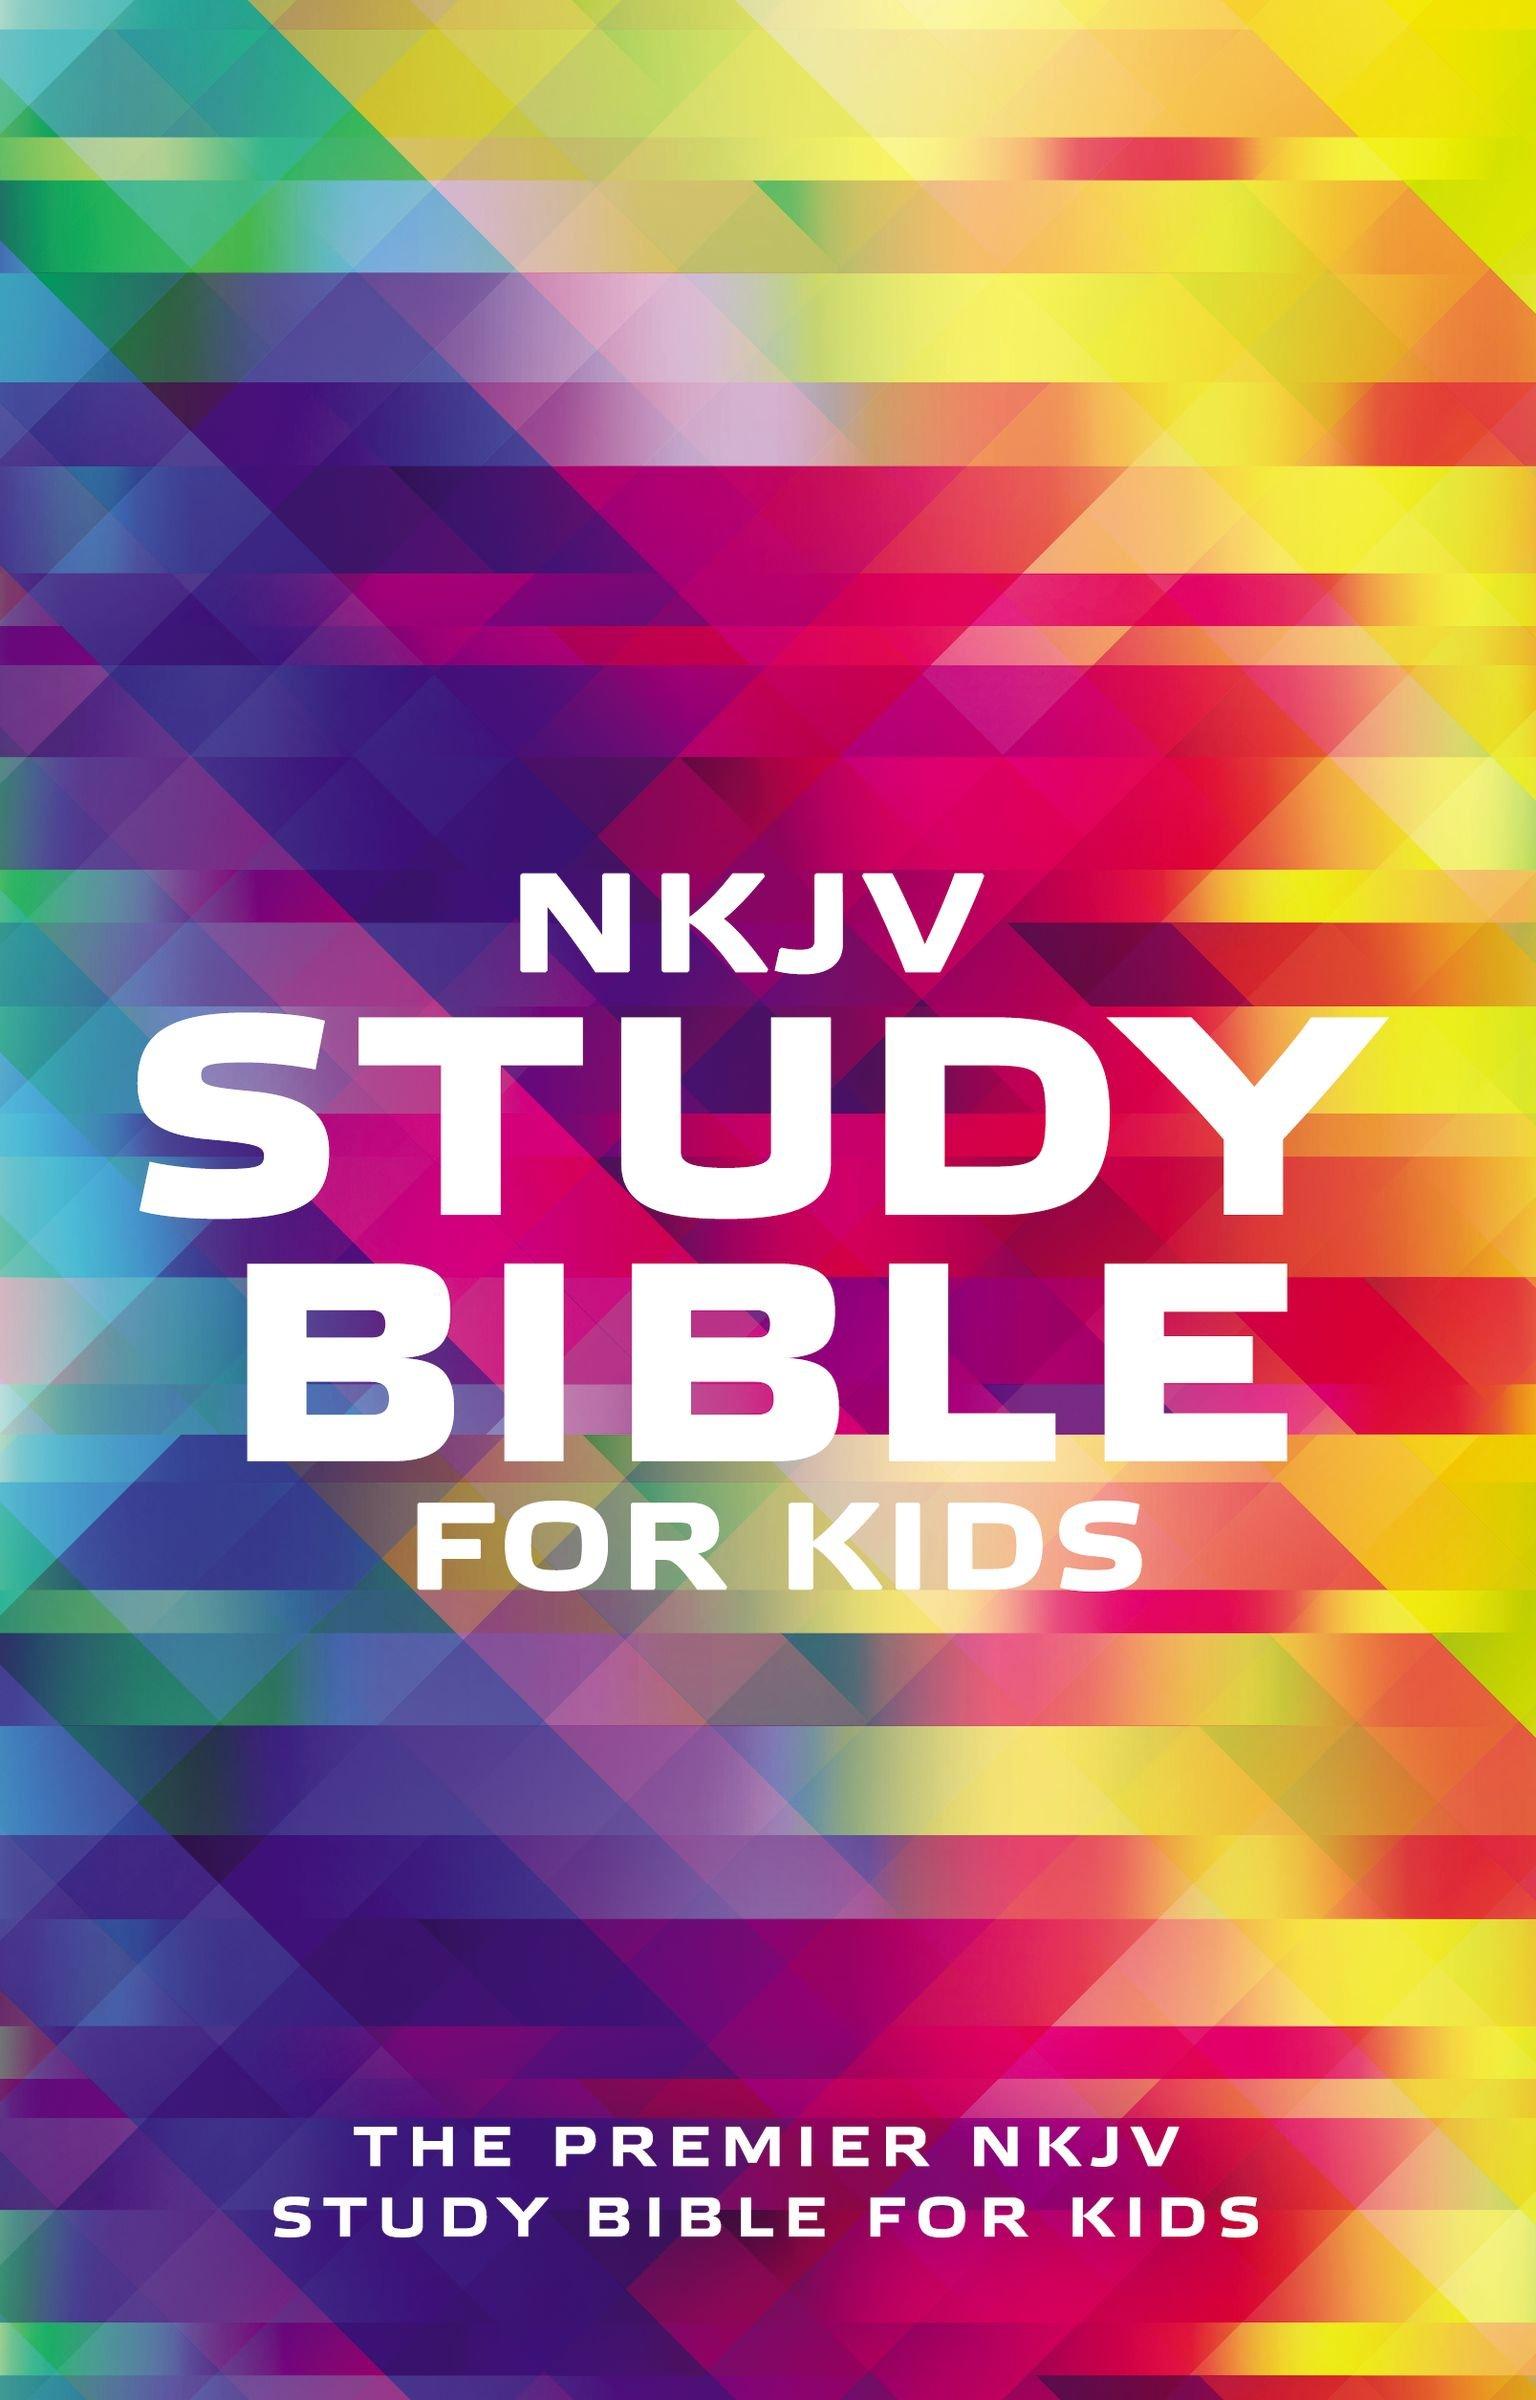 Biblia NKJV/De Estudio Para Niños/Multicolor/Ingles